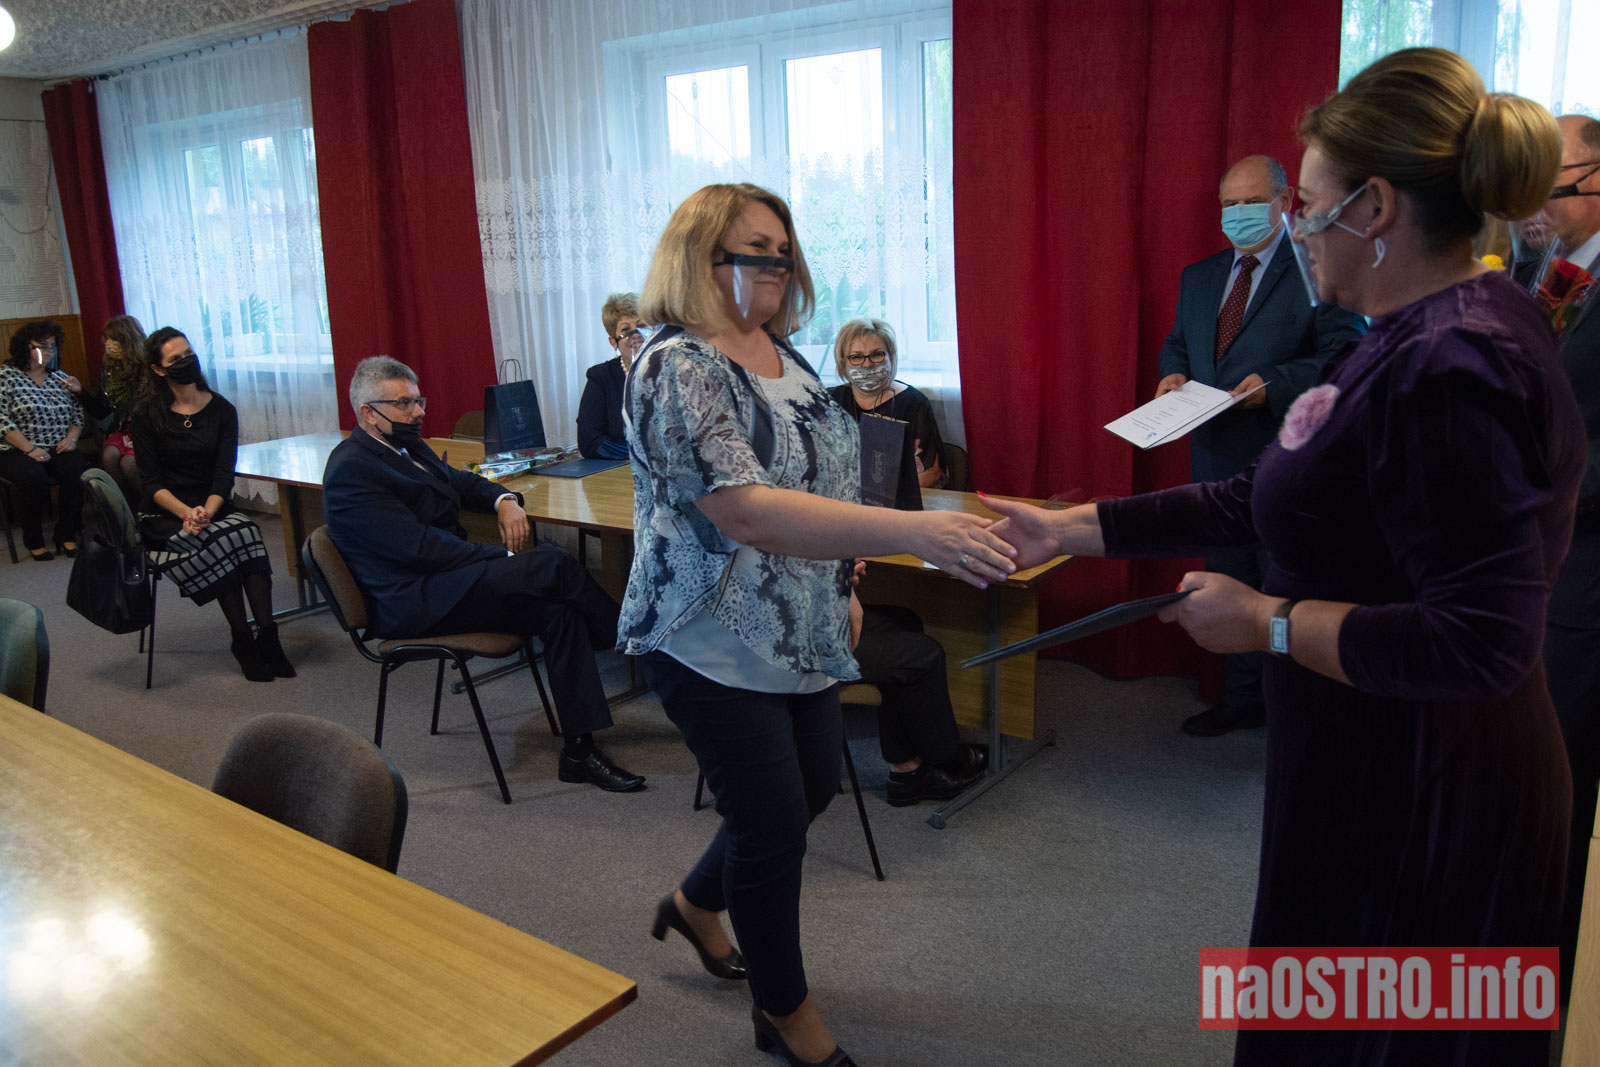 NaOSTRO.info Dzien nauczyciela cmielow-3043